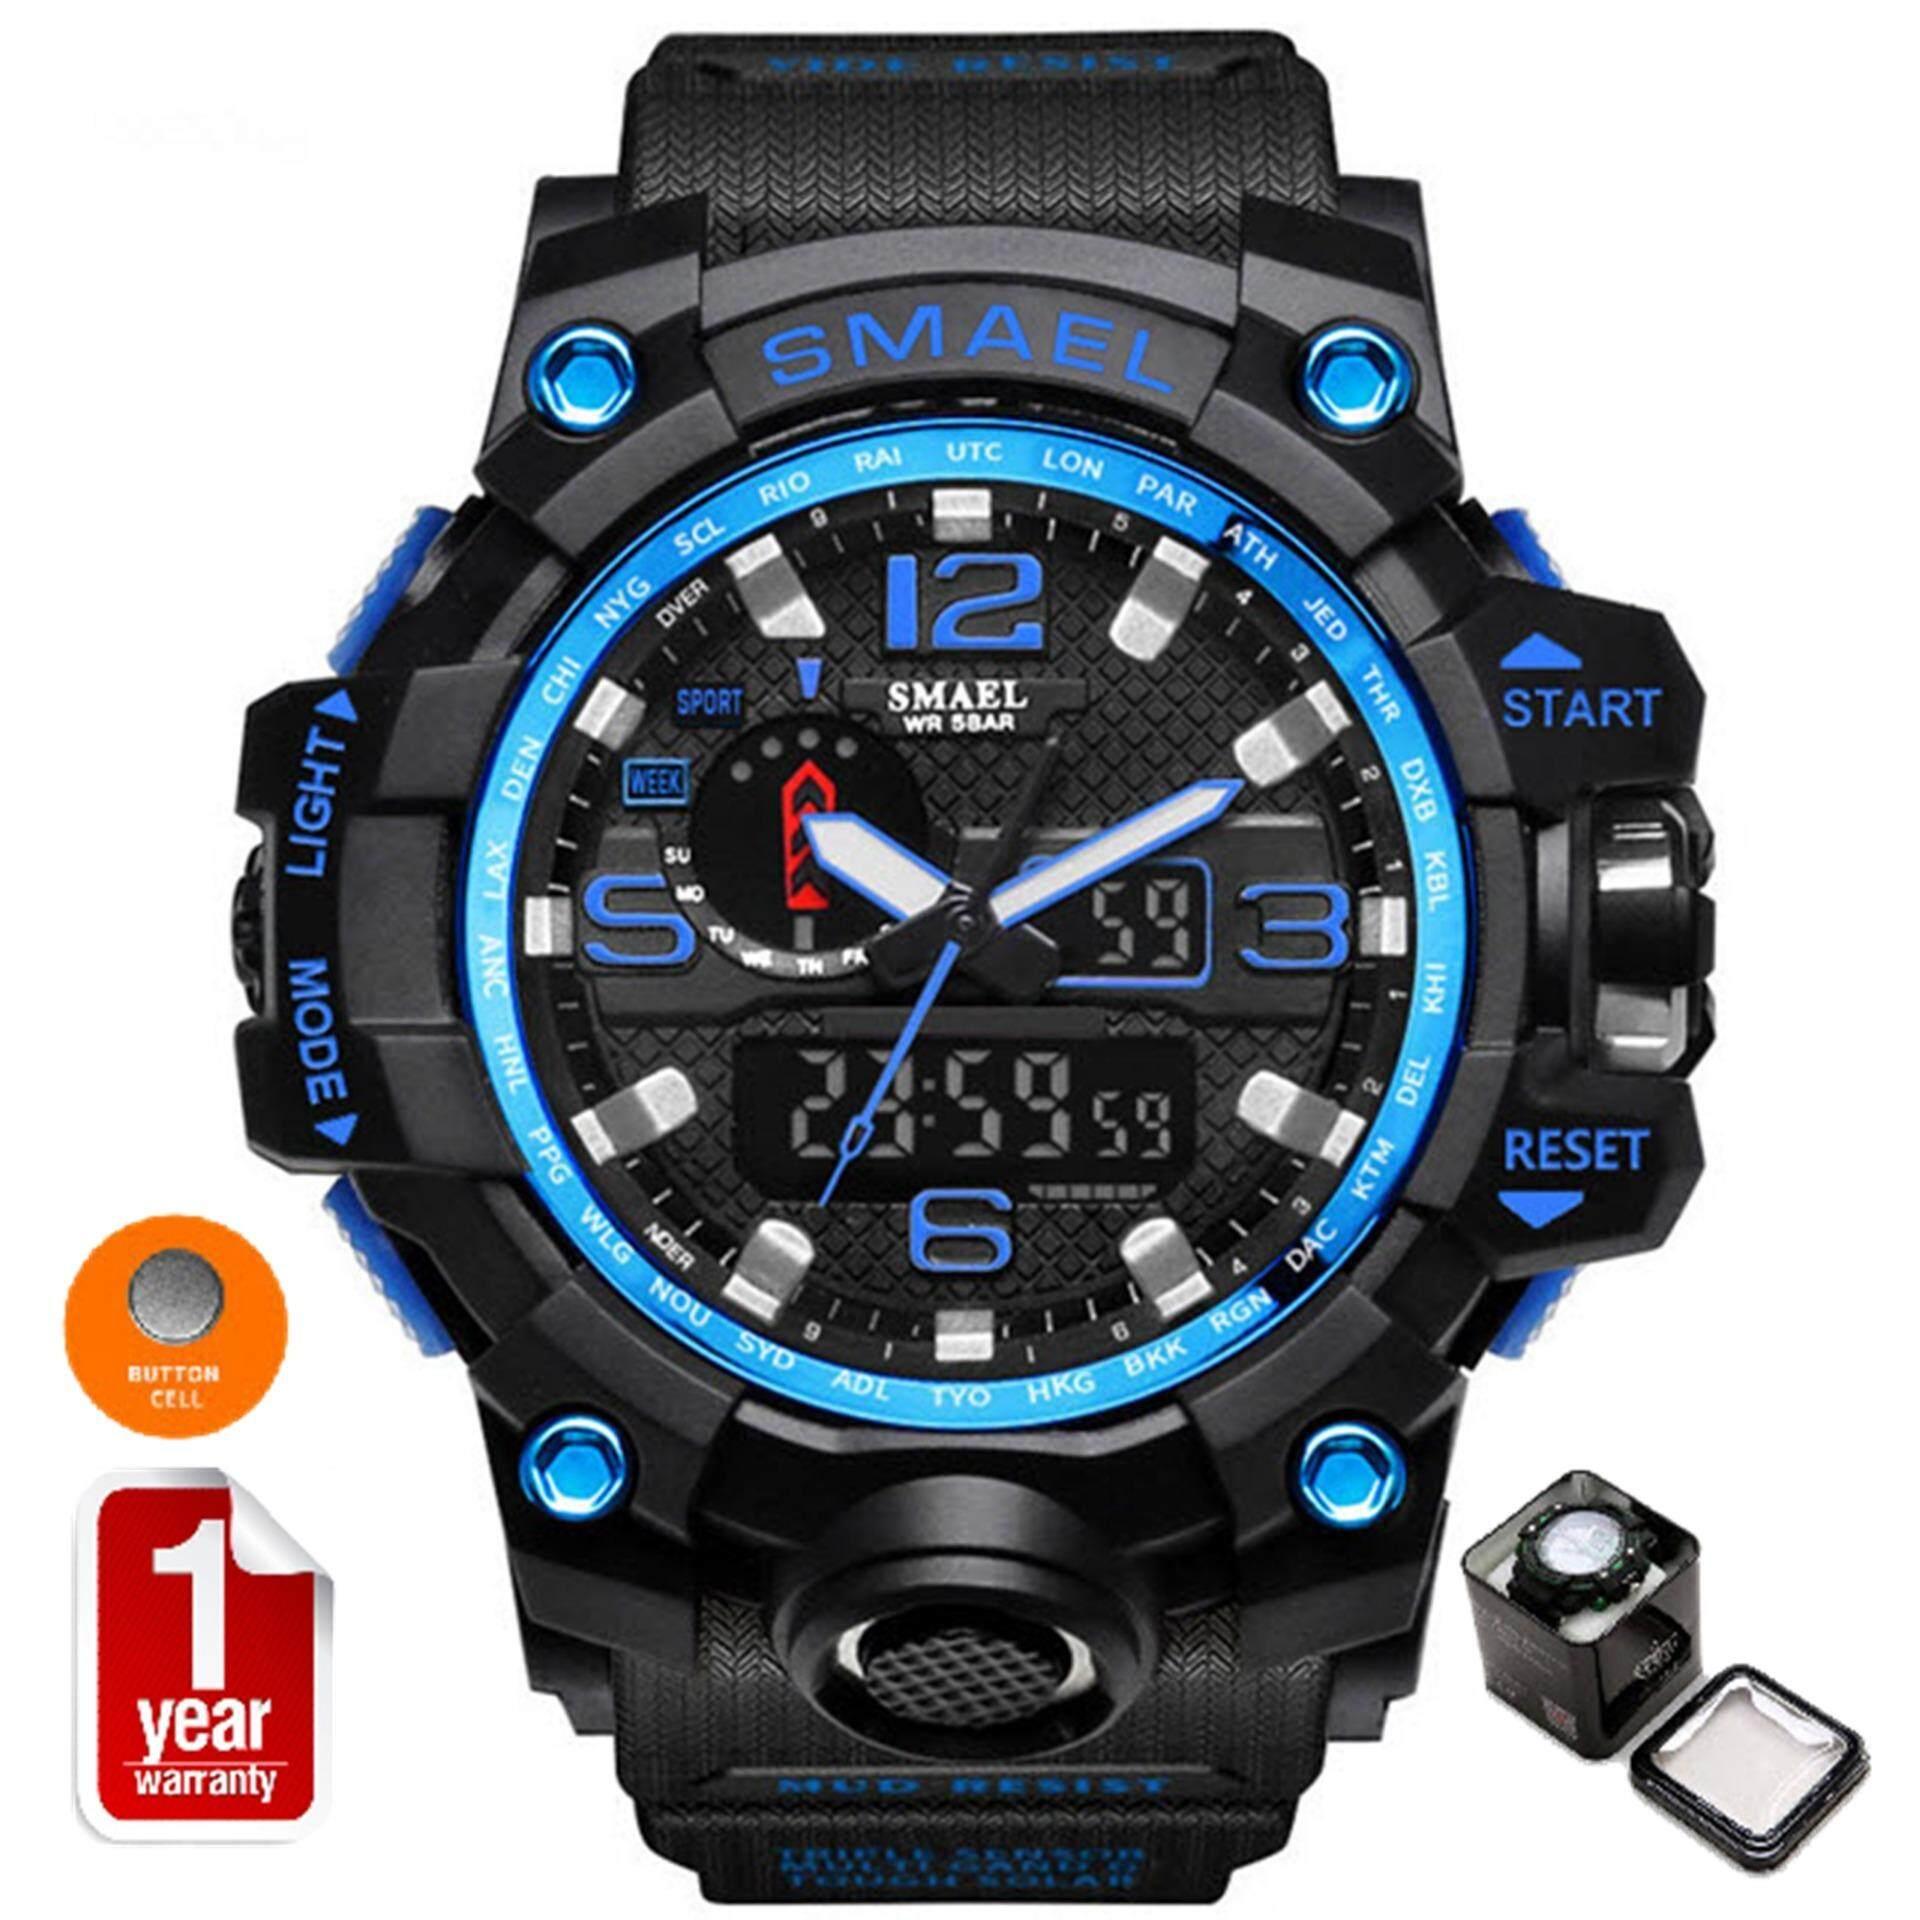 ซื้อ Smael นาฬิกาข้อมือผู้ชาย Sport Digital Led รุ่น Sm1545 Black Blue ออนไลน์ สมุทรปราการ